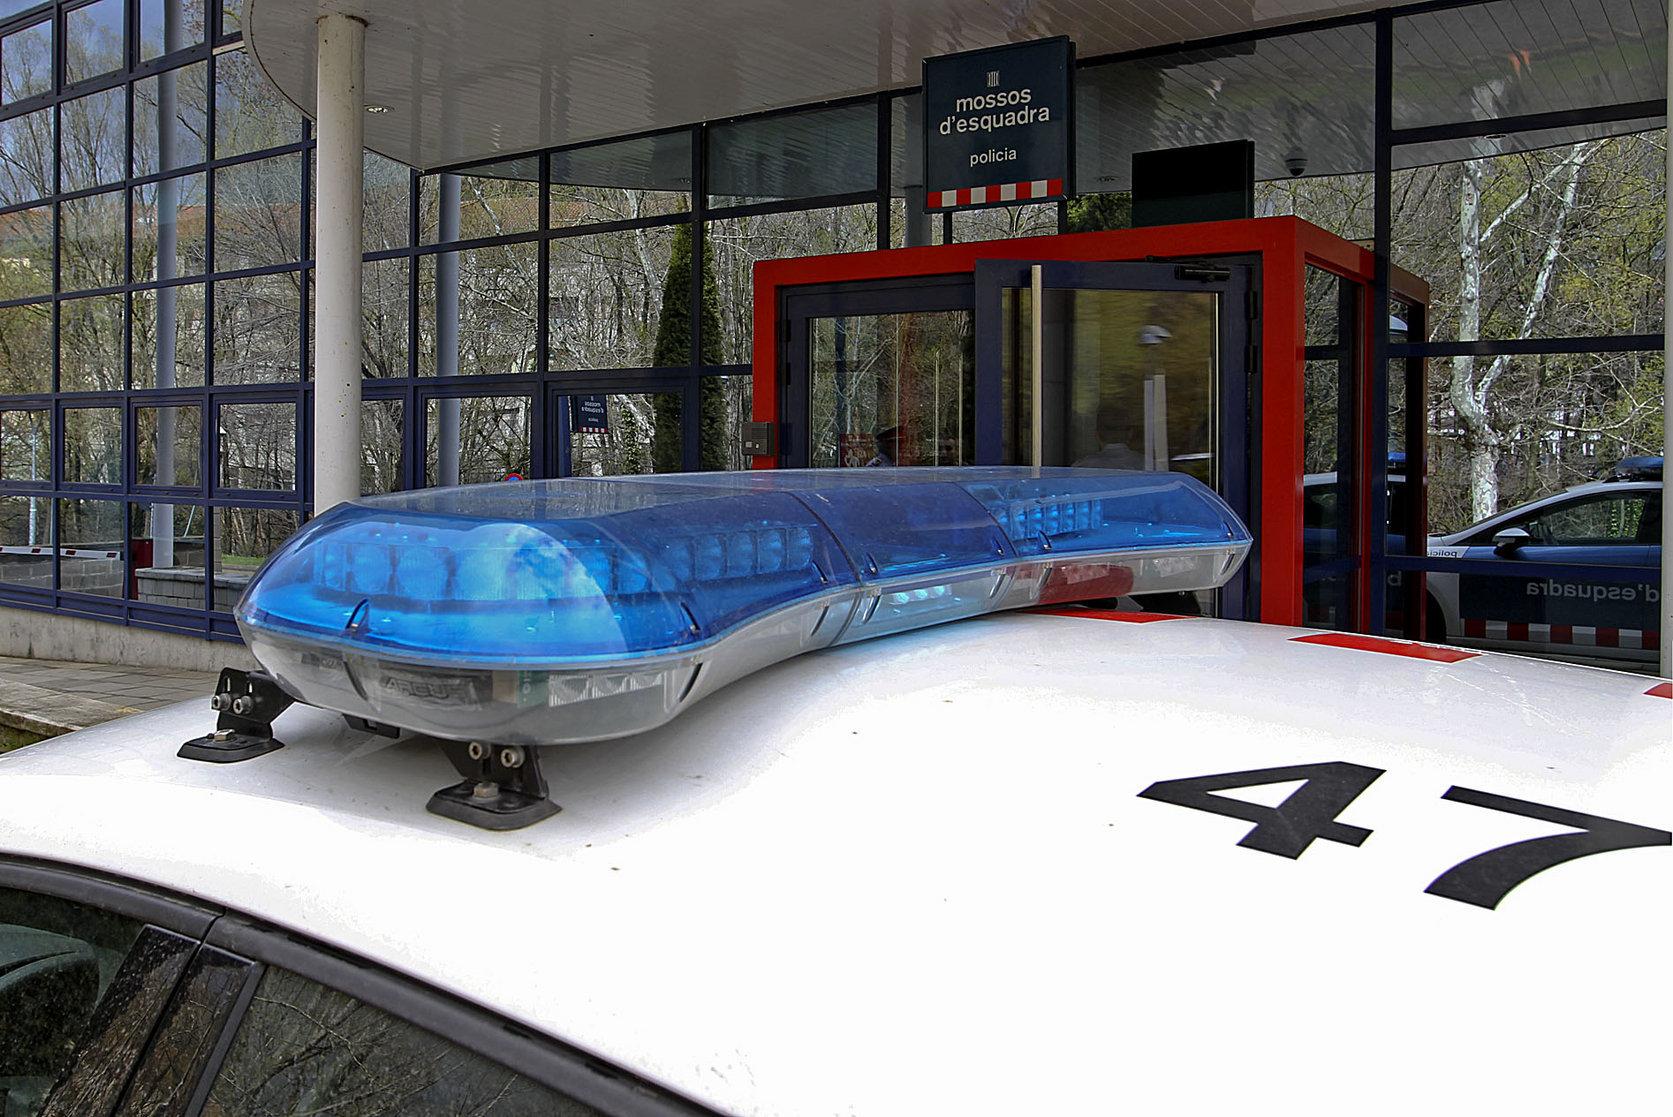 L'Àrea d'Investigació Criminal dels Mossos s'ha fet càrrec de la investigació dels fets